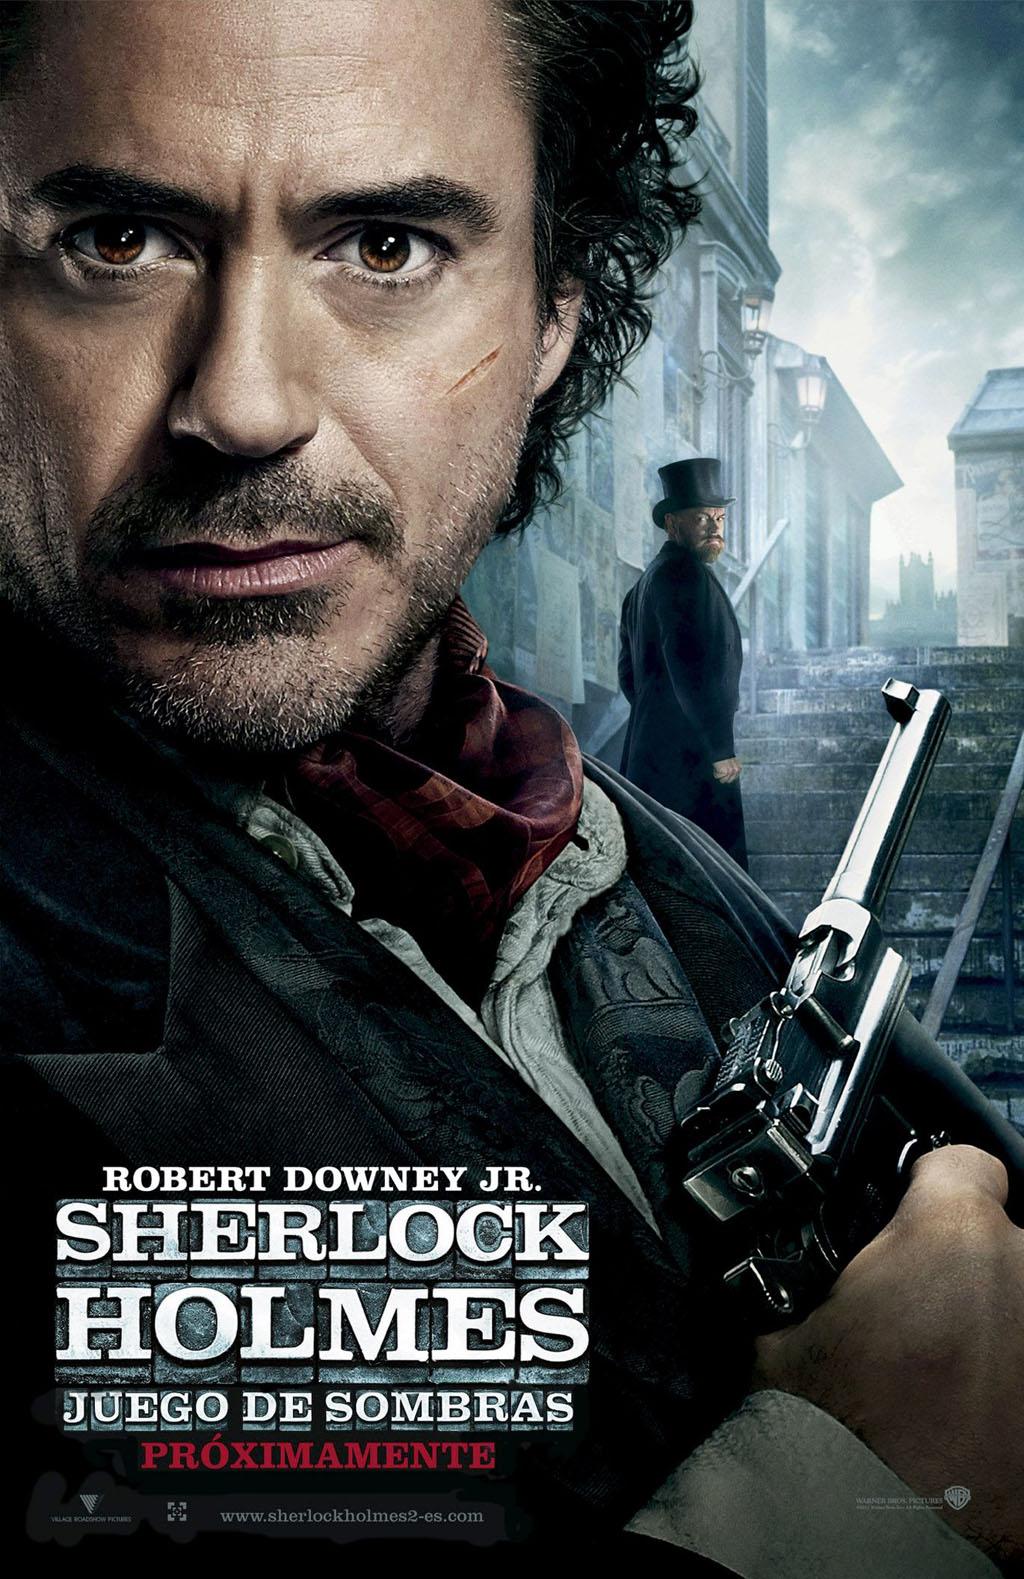 http://3.bp.blogspot.com/-c0_57plcG7g/T_ulywertJI/AAAAAAAABH4/k0IDufUsQRg/s1600/Sherlock+Holmes+2+-+Juego+de+Sombras.jpg